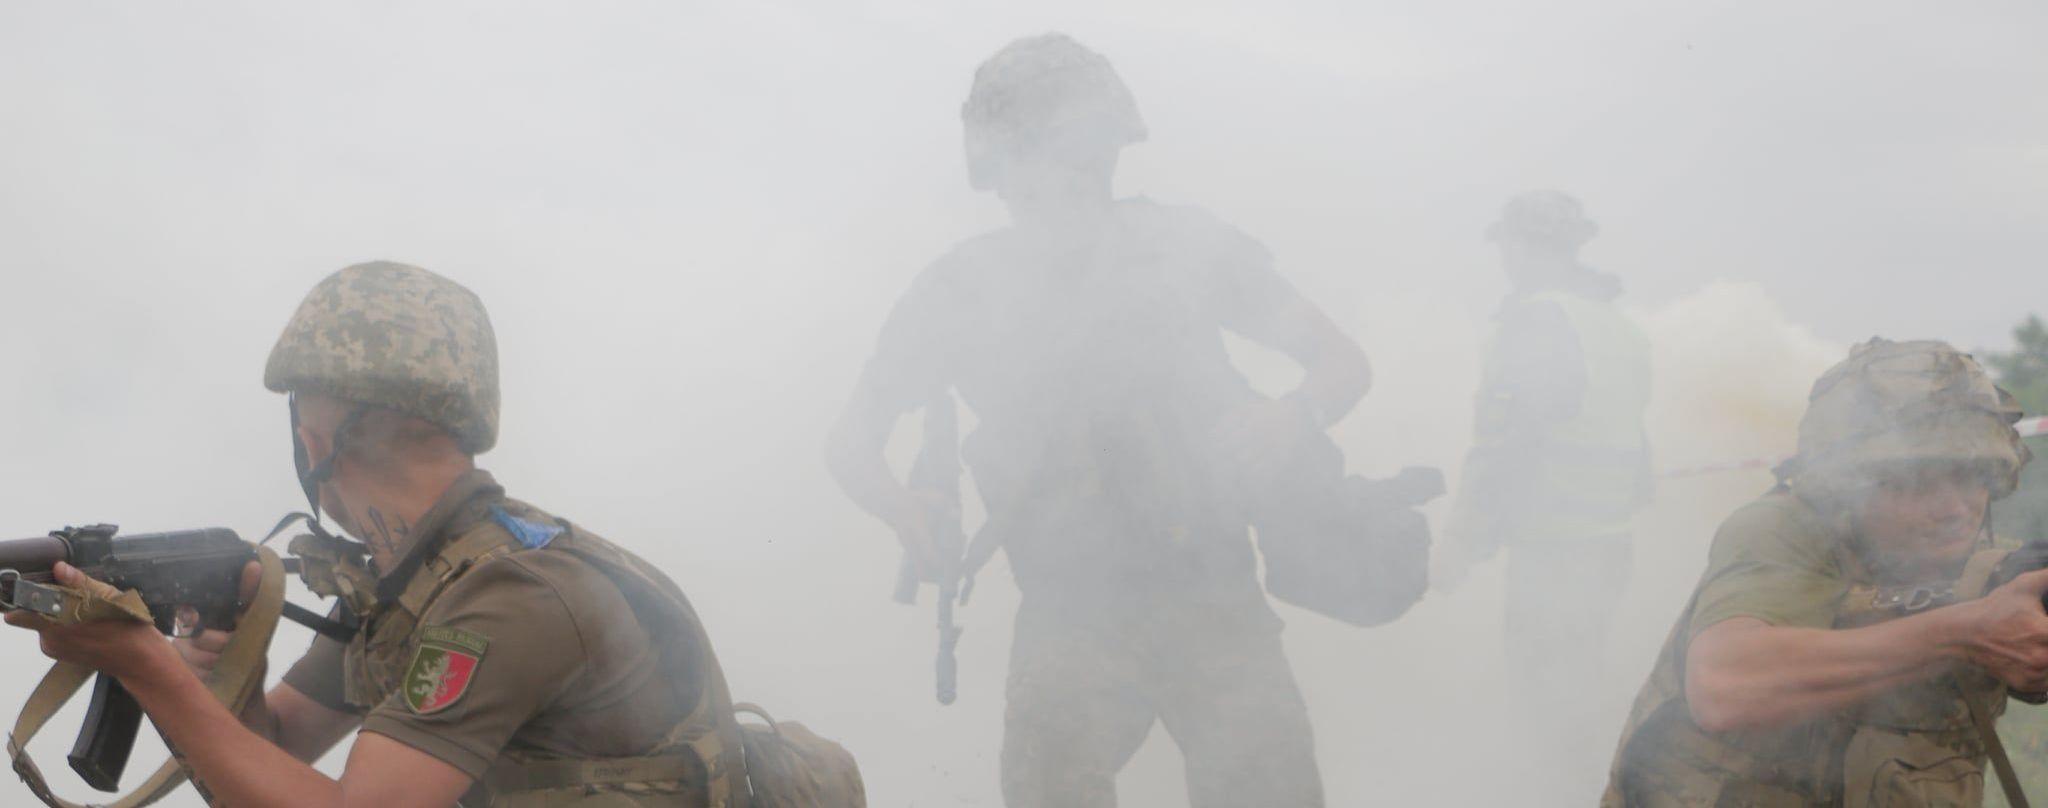 У Пісках окупанти запустили ракету в автокран, який відновлював цивільну інфраструктуру: загинув військовий